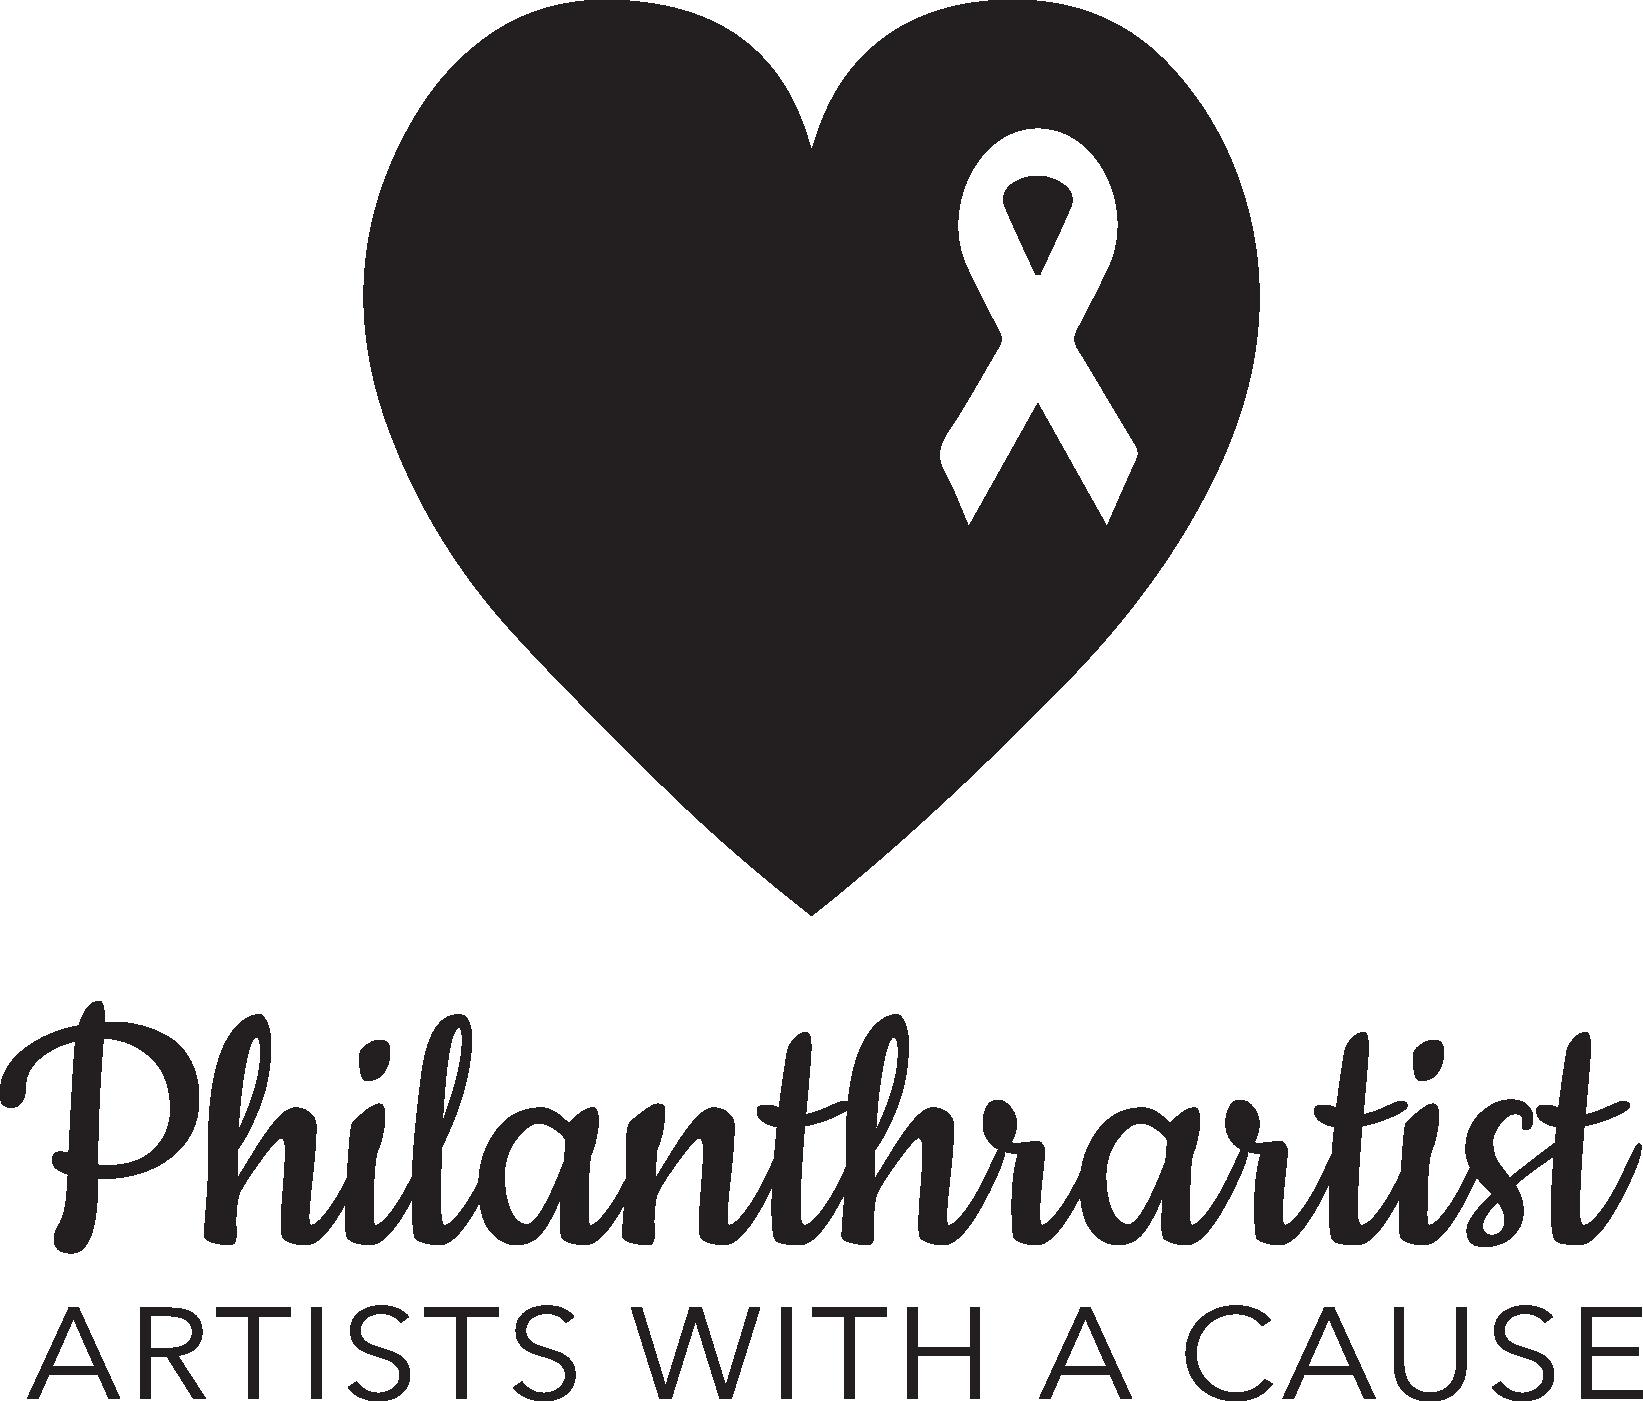 Philanthrartist.png